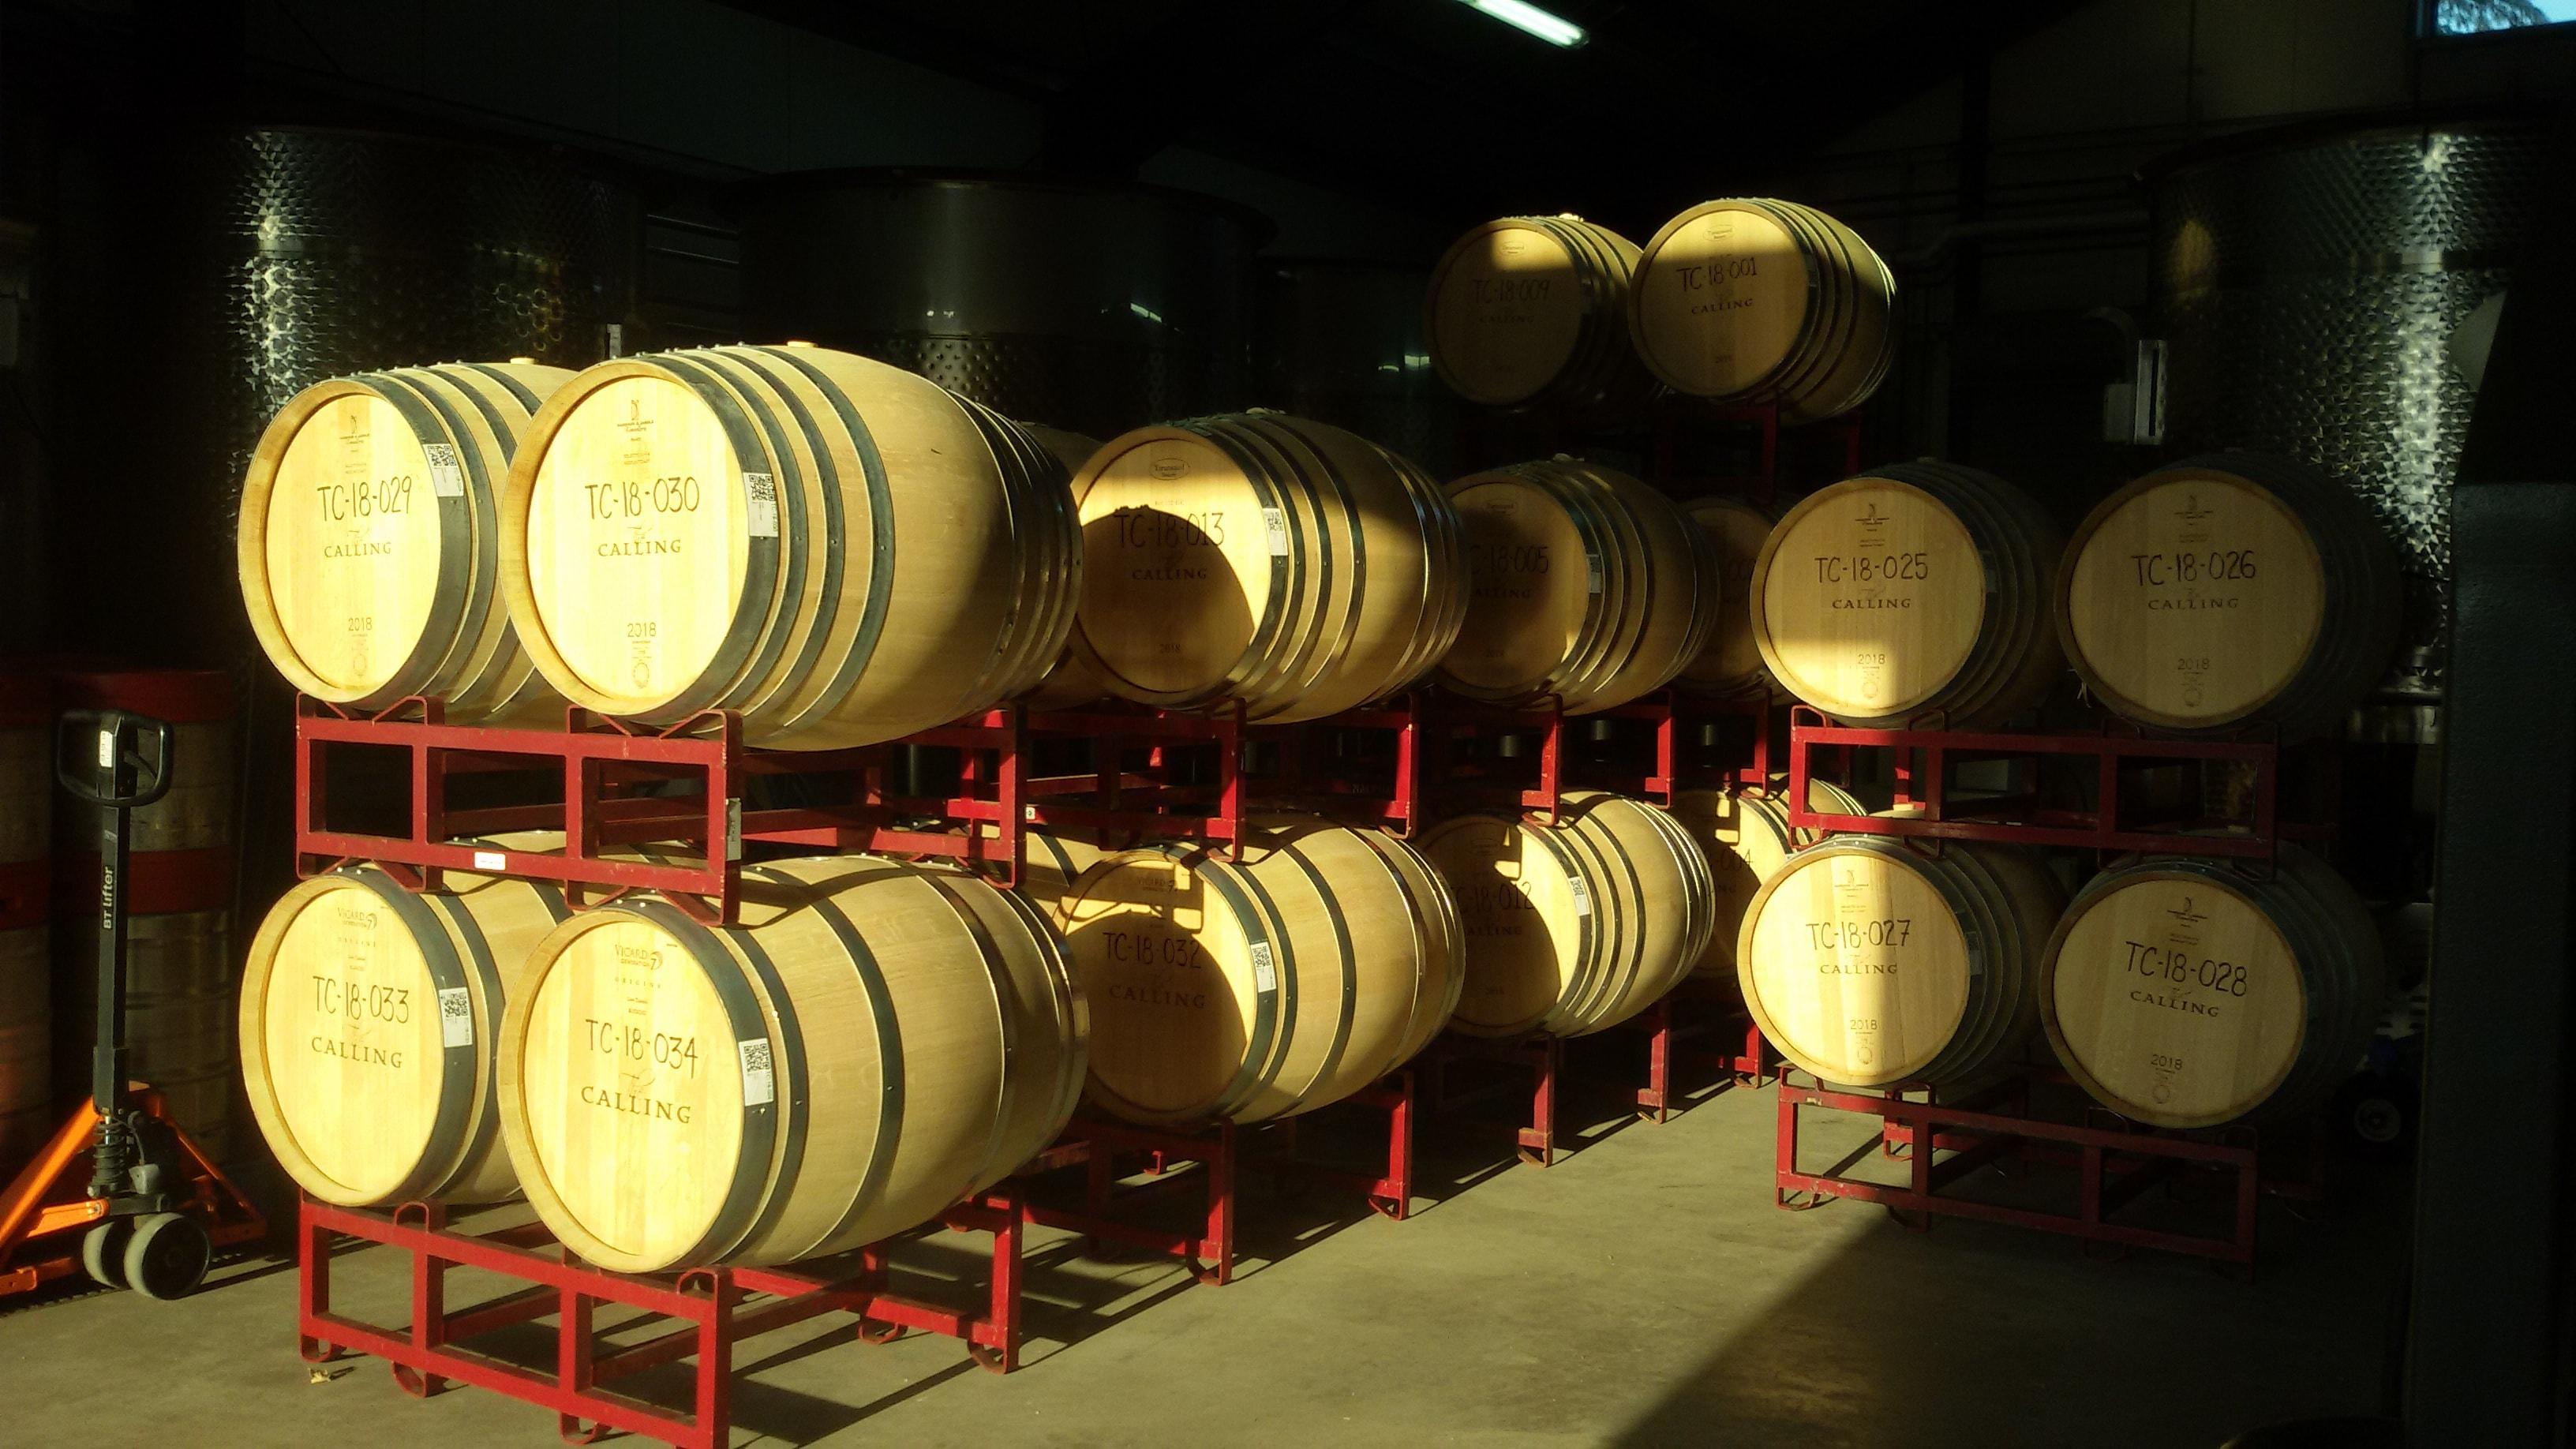 En cave, les intrants œnologiques sont très fortement limités pour les vins en biodynamie